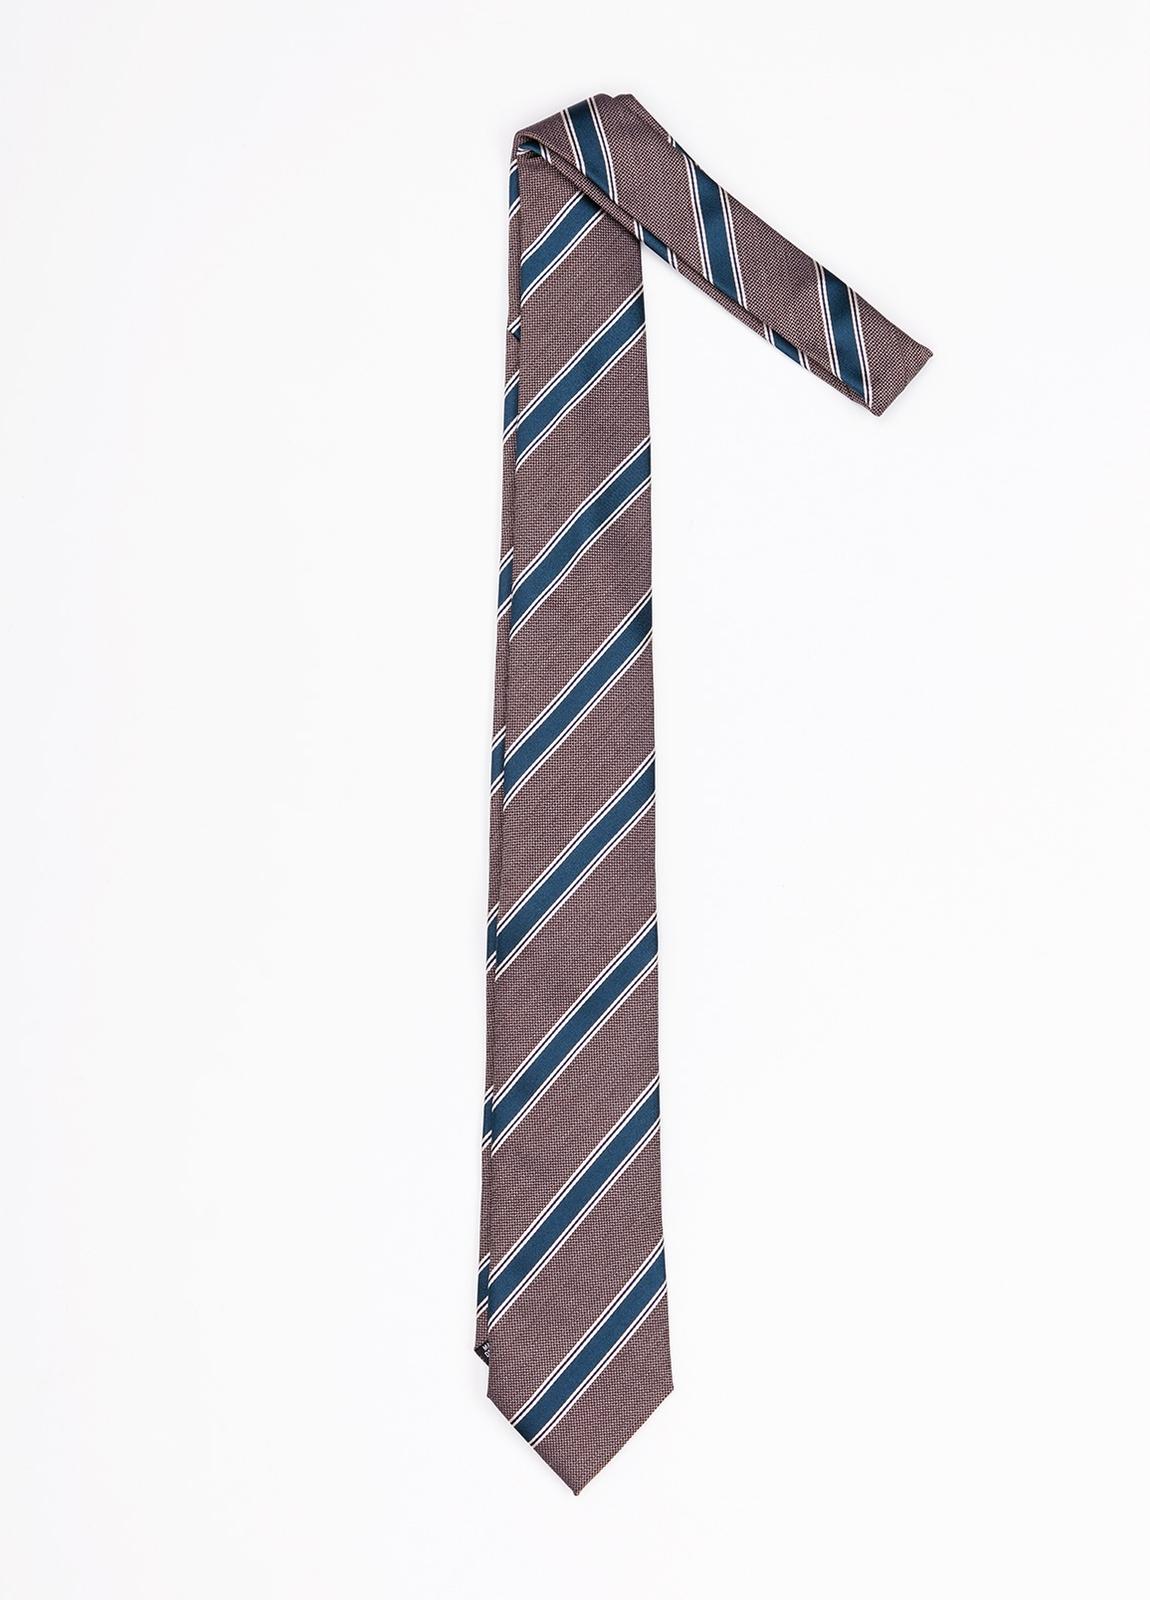 Corbata Formal Wear rayas diagonales, color marrón. Pala 7,5 cm. 100% Seda.